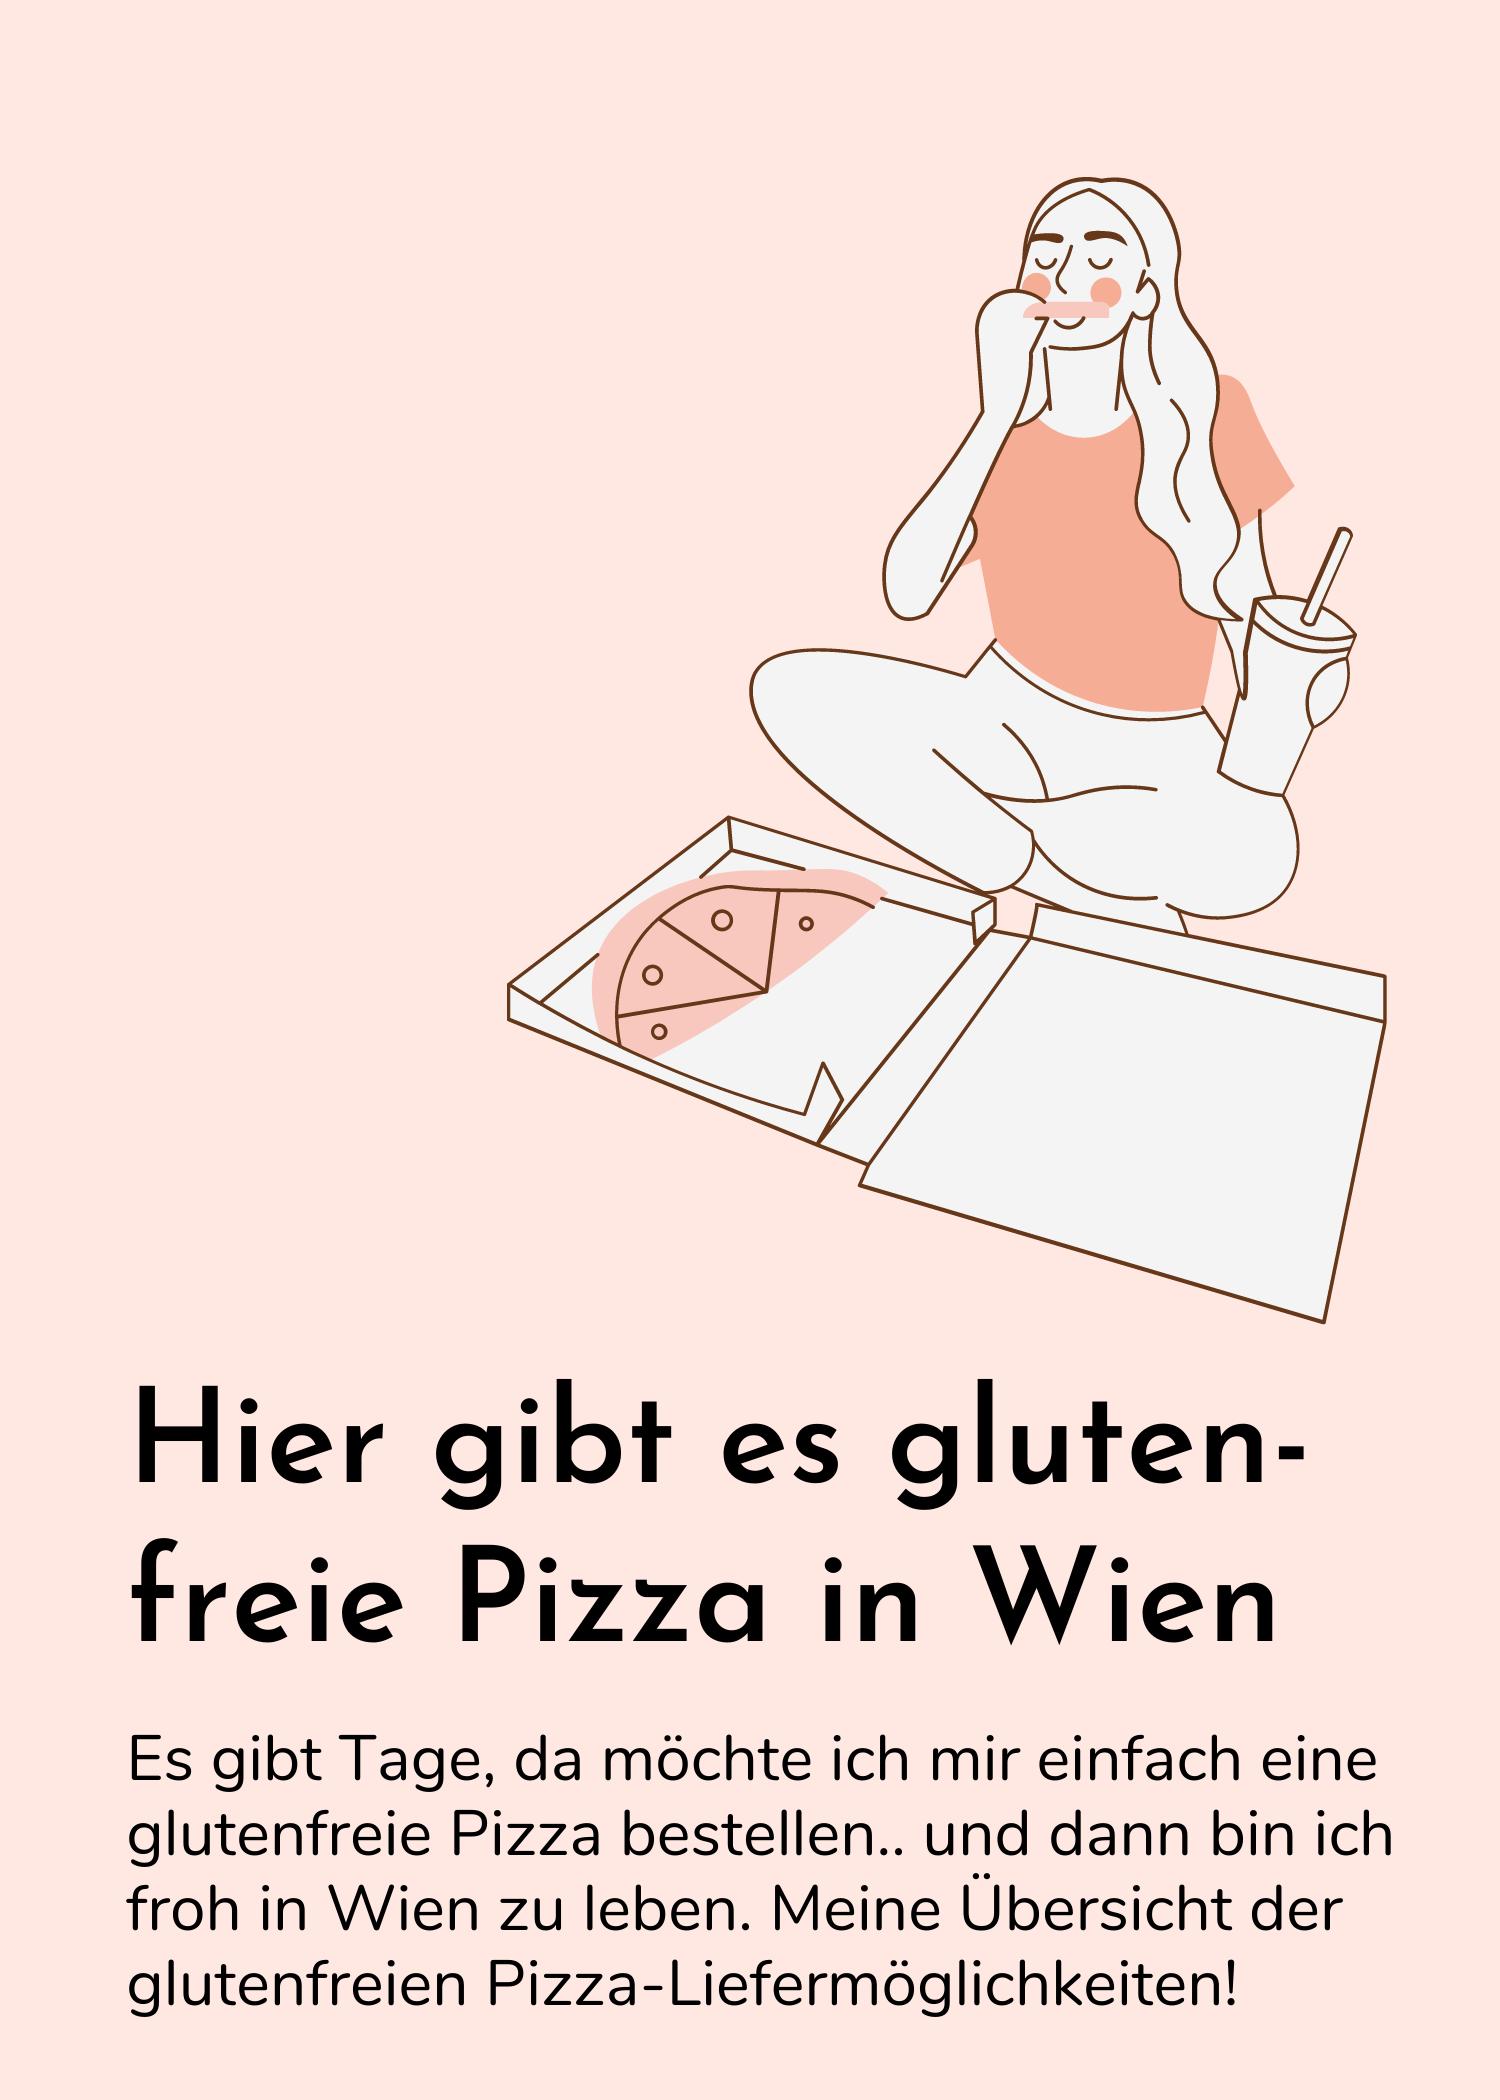 Glutenfreie Pizza bestellen in Wien – in diesen Pizzerien klappts auch mit Zöliakie